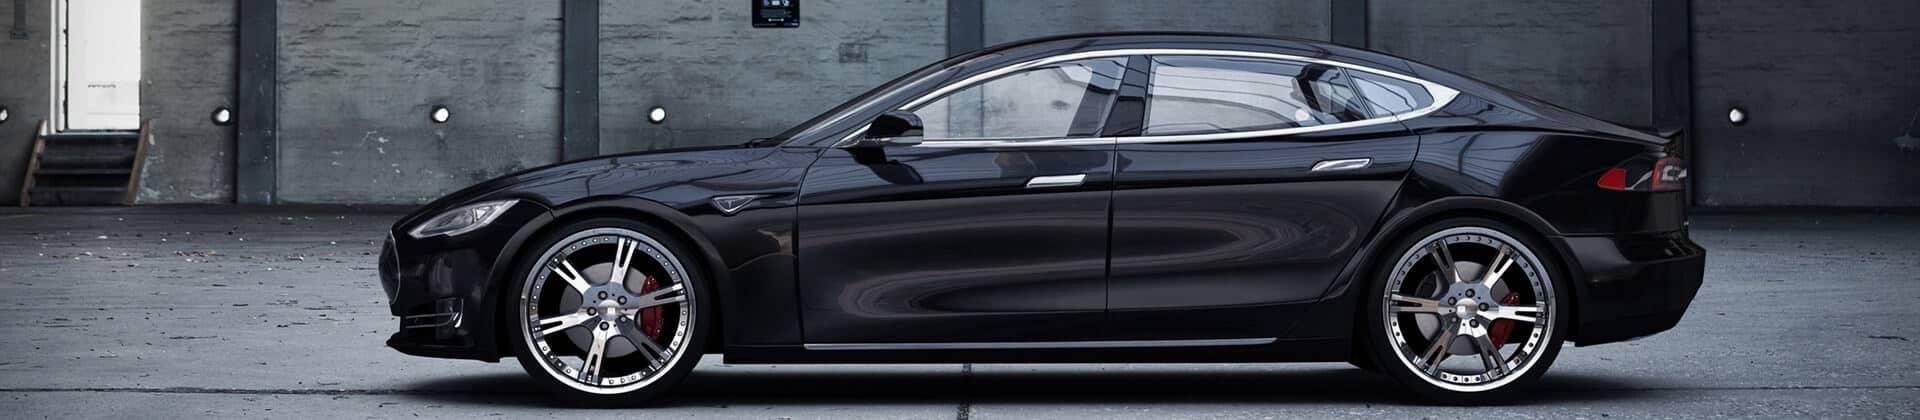 leichte und große 6SporzFelgen für Tesla S